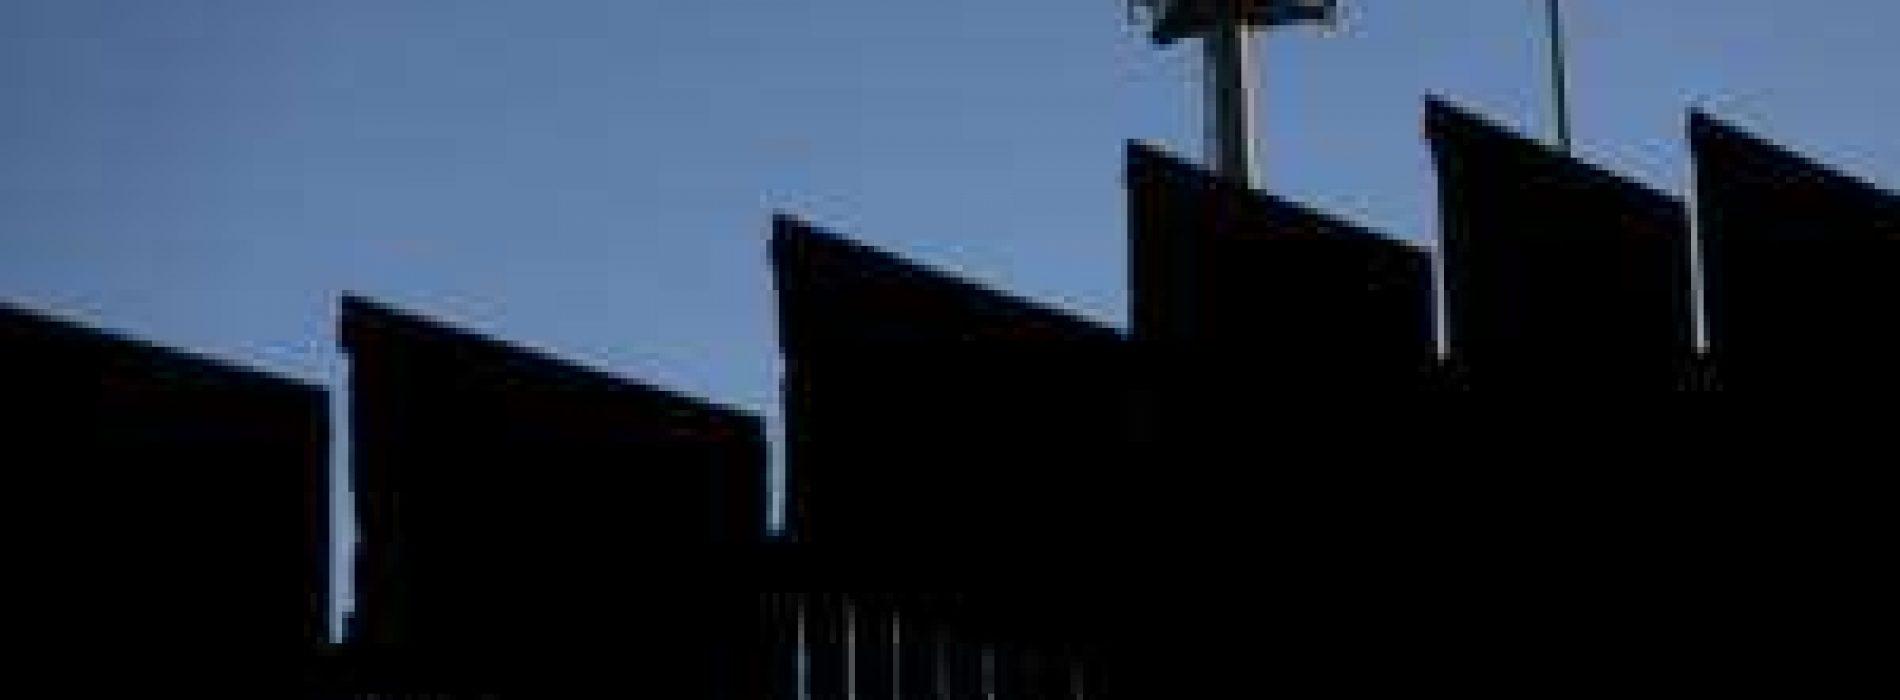 GAO advierte sobre derroche de fondos públicos y posibles deficiencias en eventual muro fronterizo